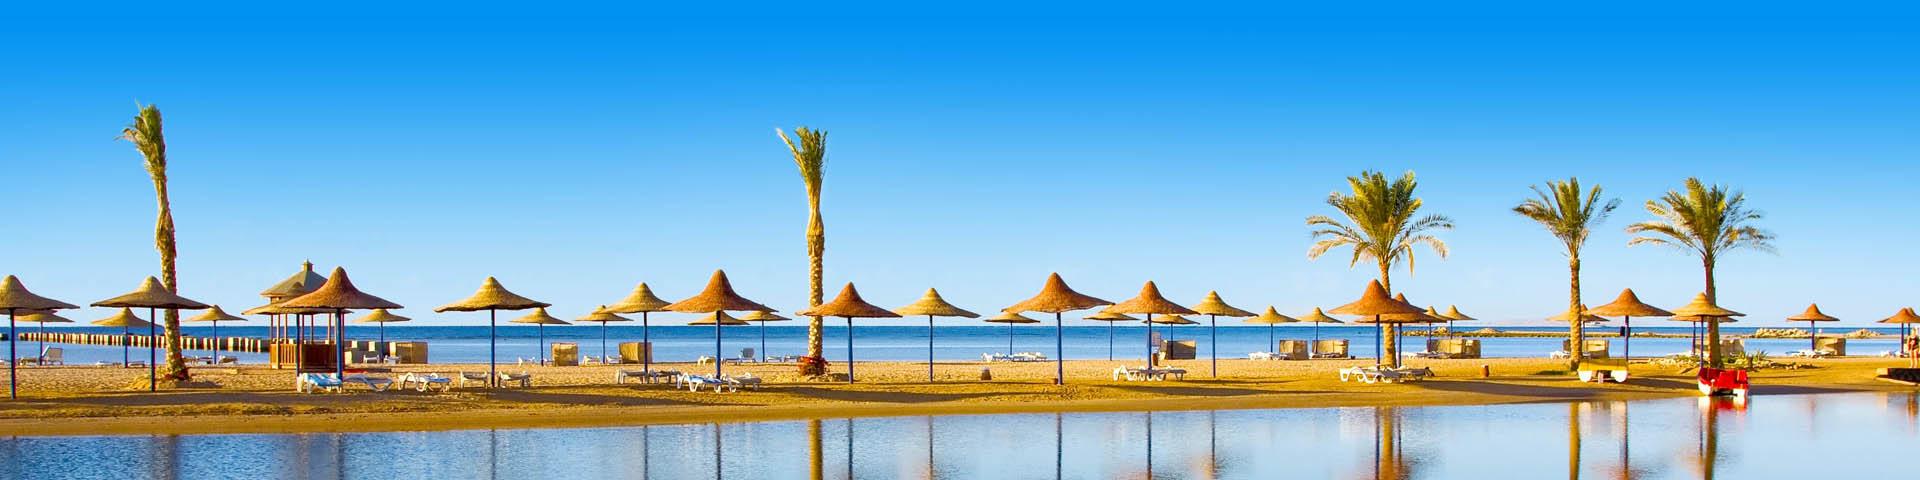 Uitzicht op de zee en parasols in Hurghada